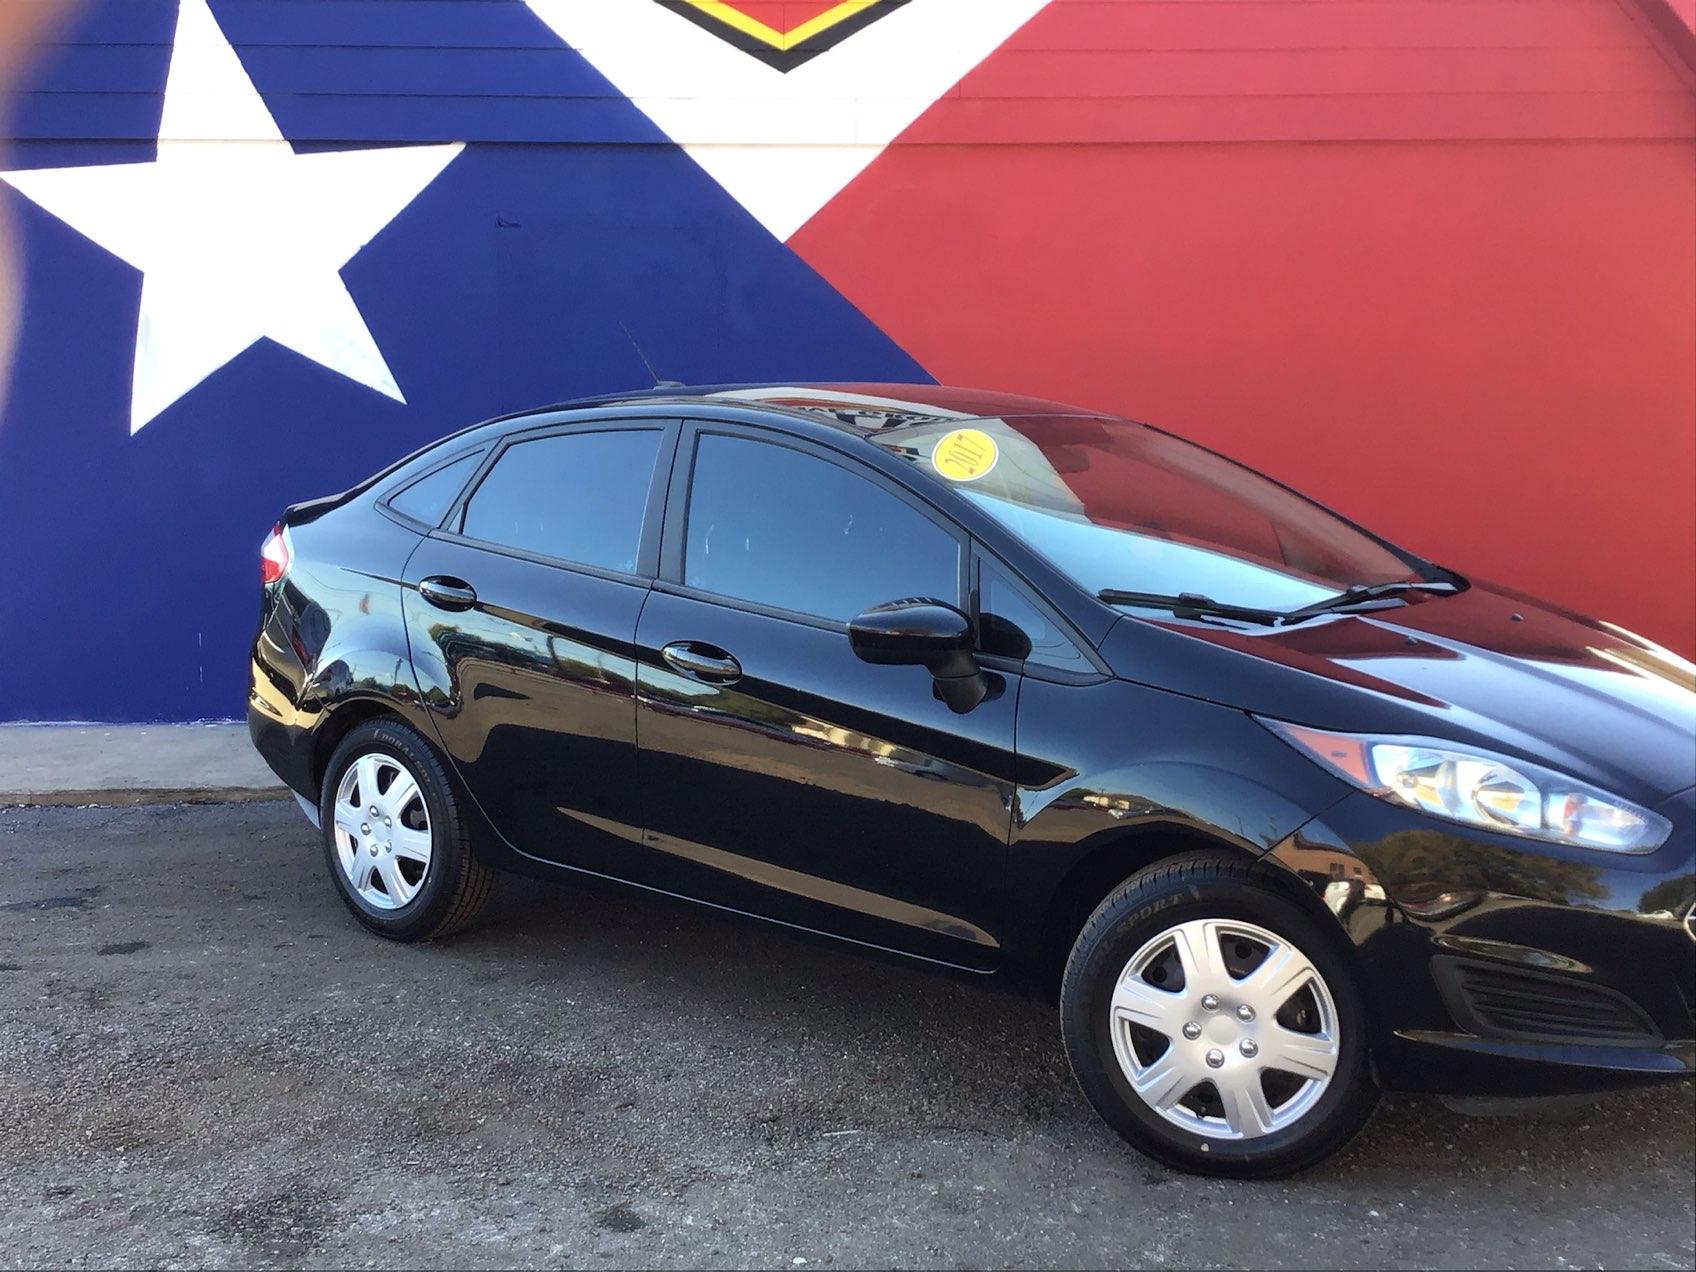 used vehicle - Sedan FORD FIESTA 2017